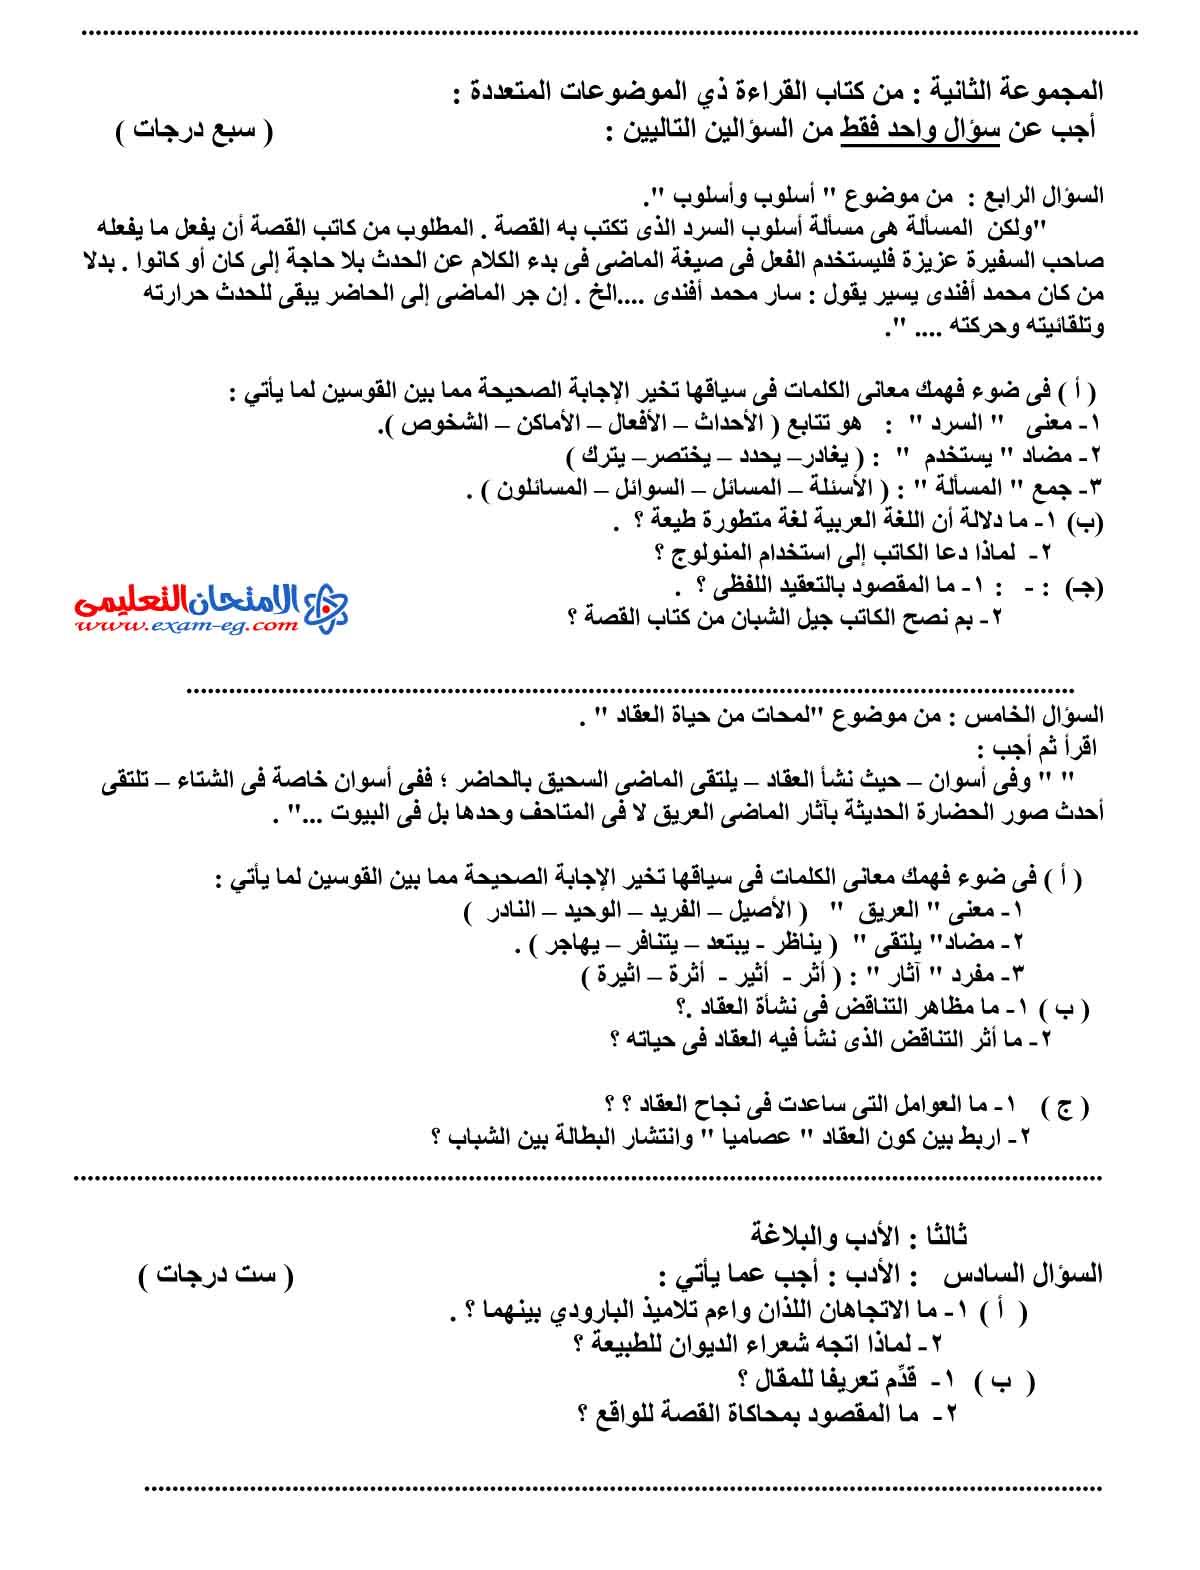 امتحان اللغة العربية 4 - مدرسة اون لاين (2)